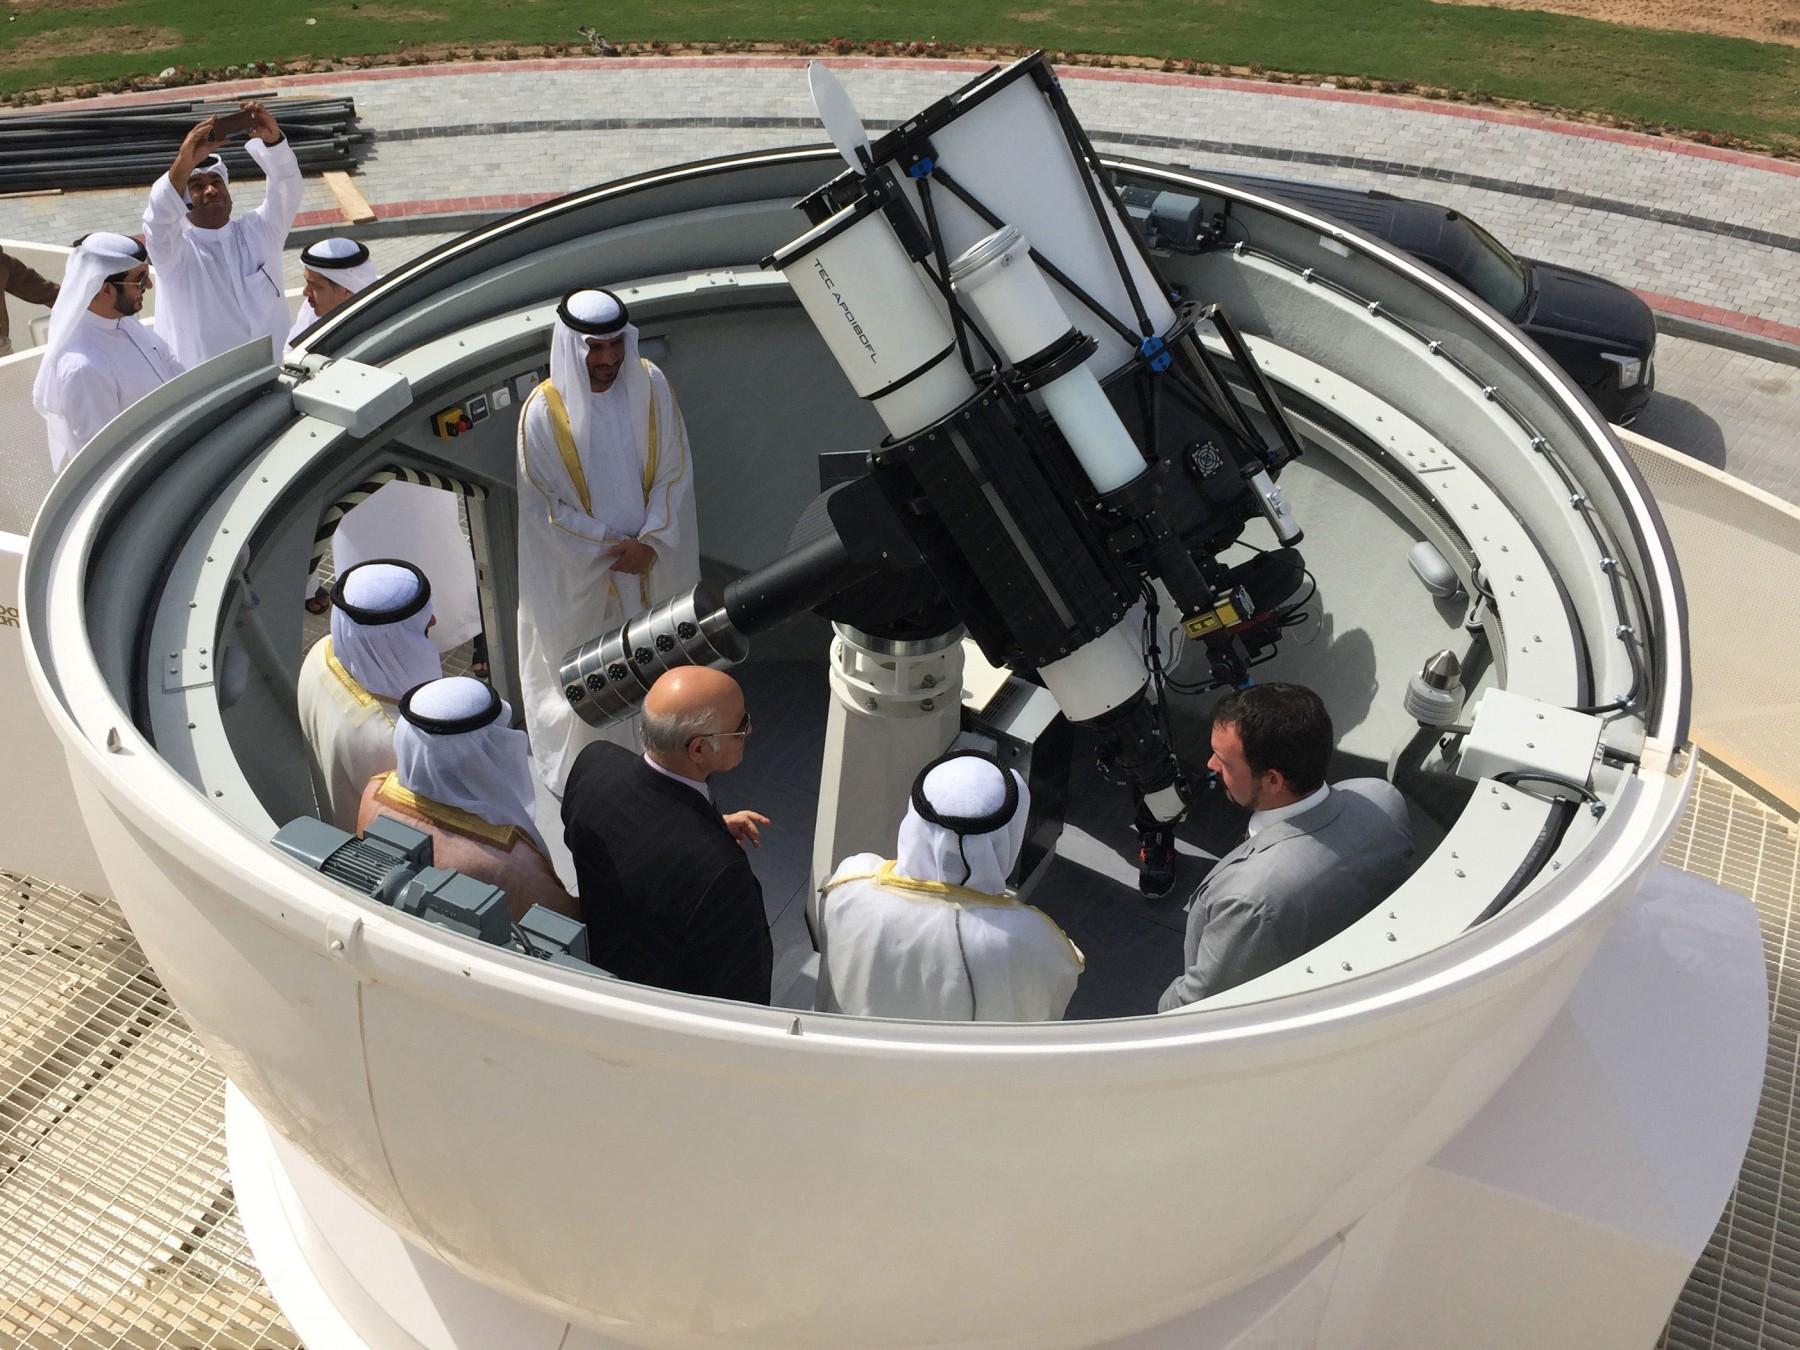 Event: Präsentation der schlüsselfertigen Sternwarte in Sharjah